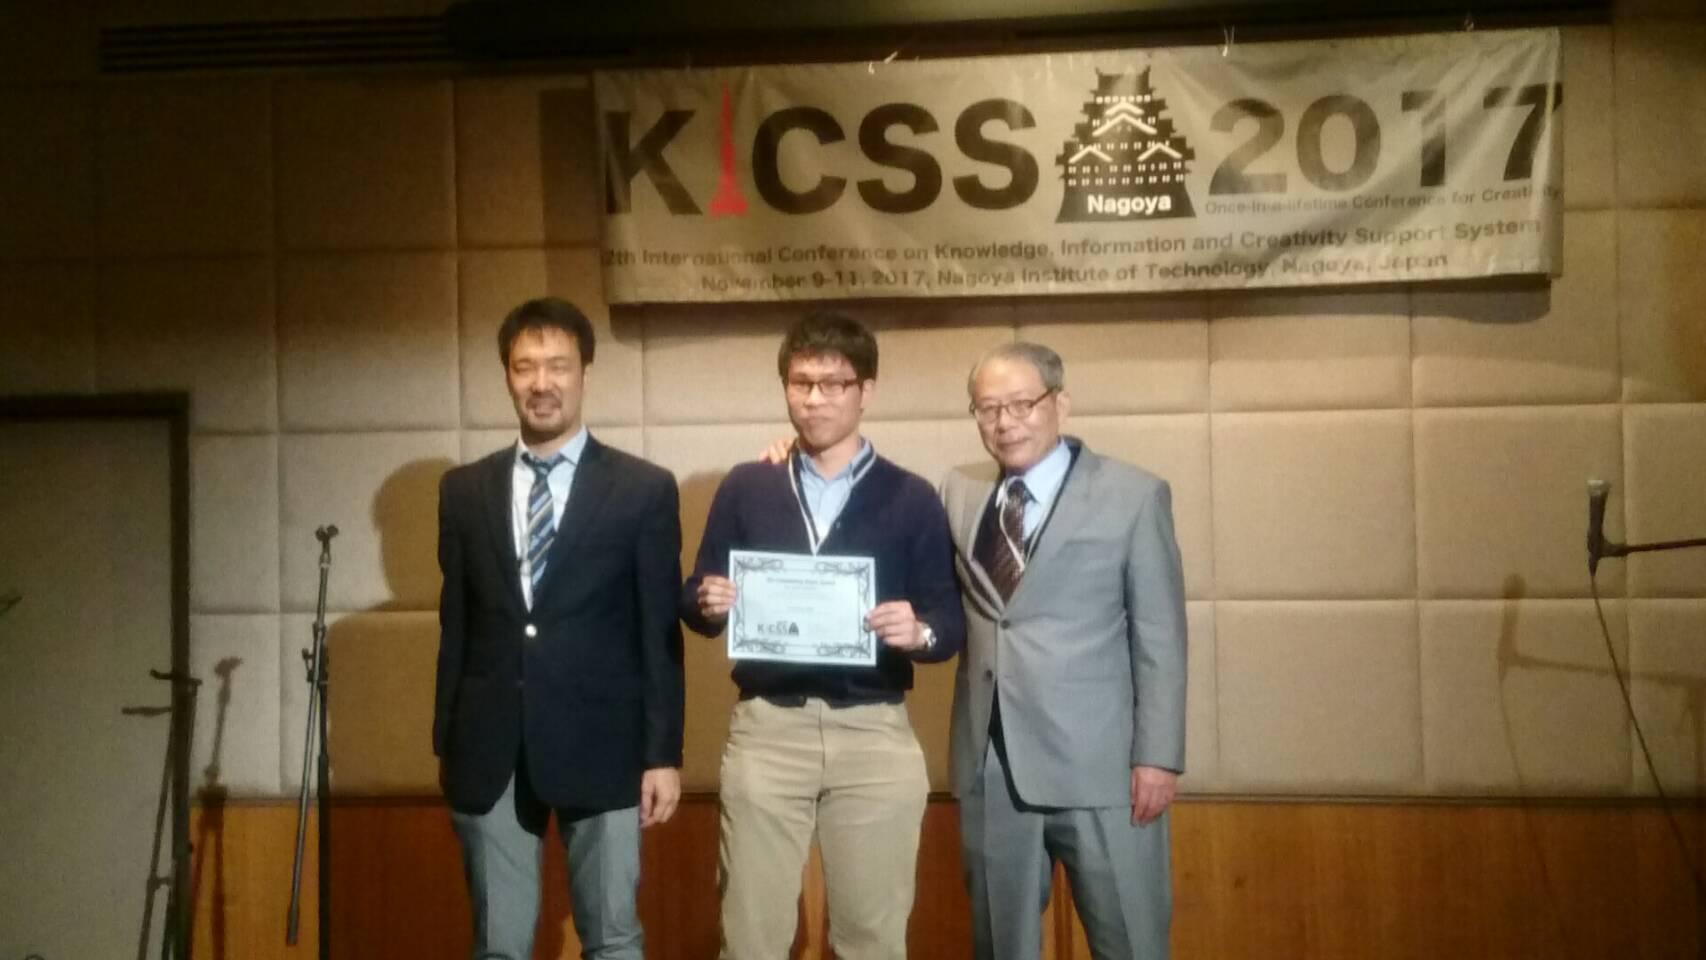 kicss2017-ikuta1.jpg